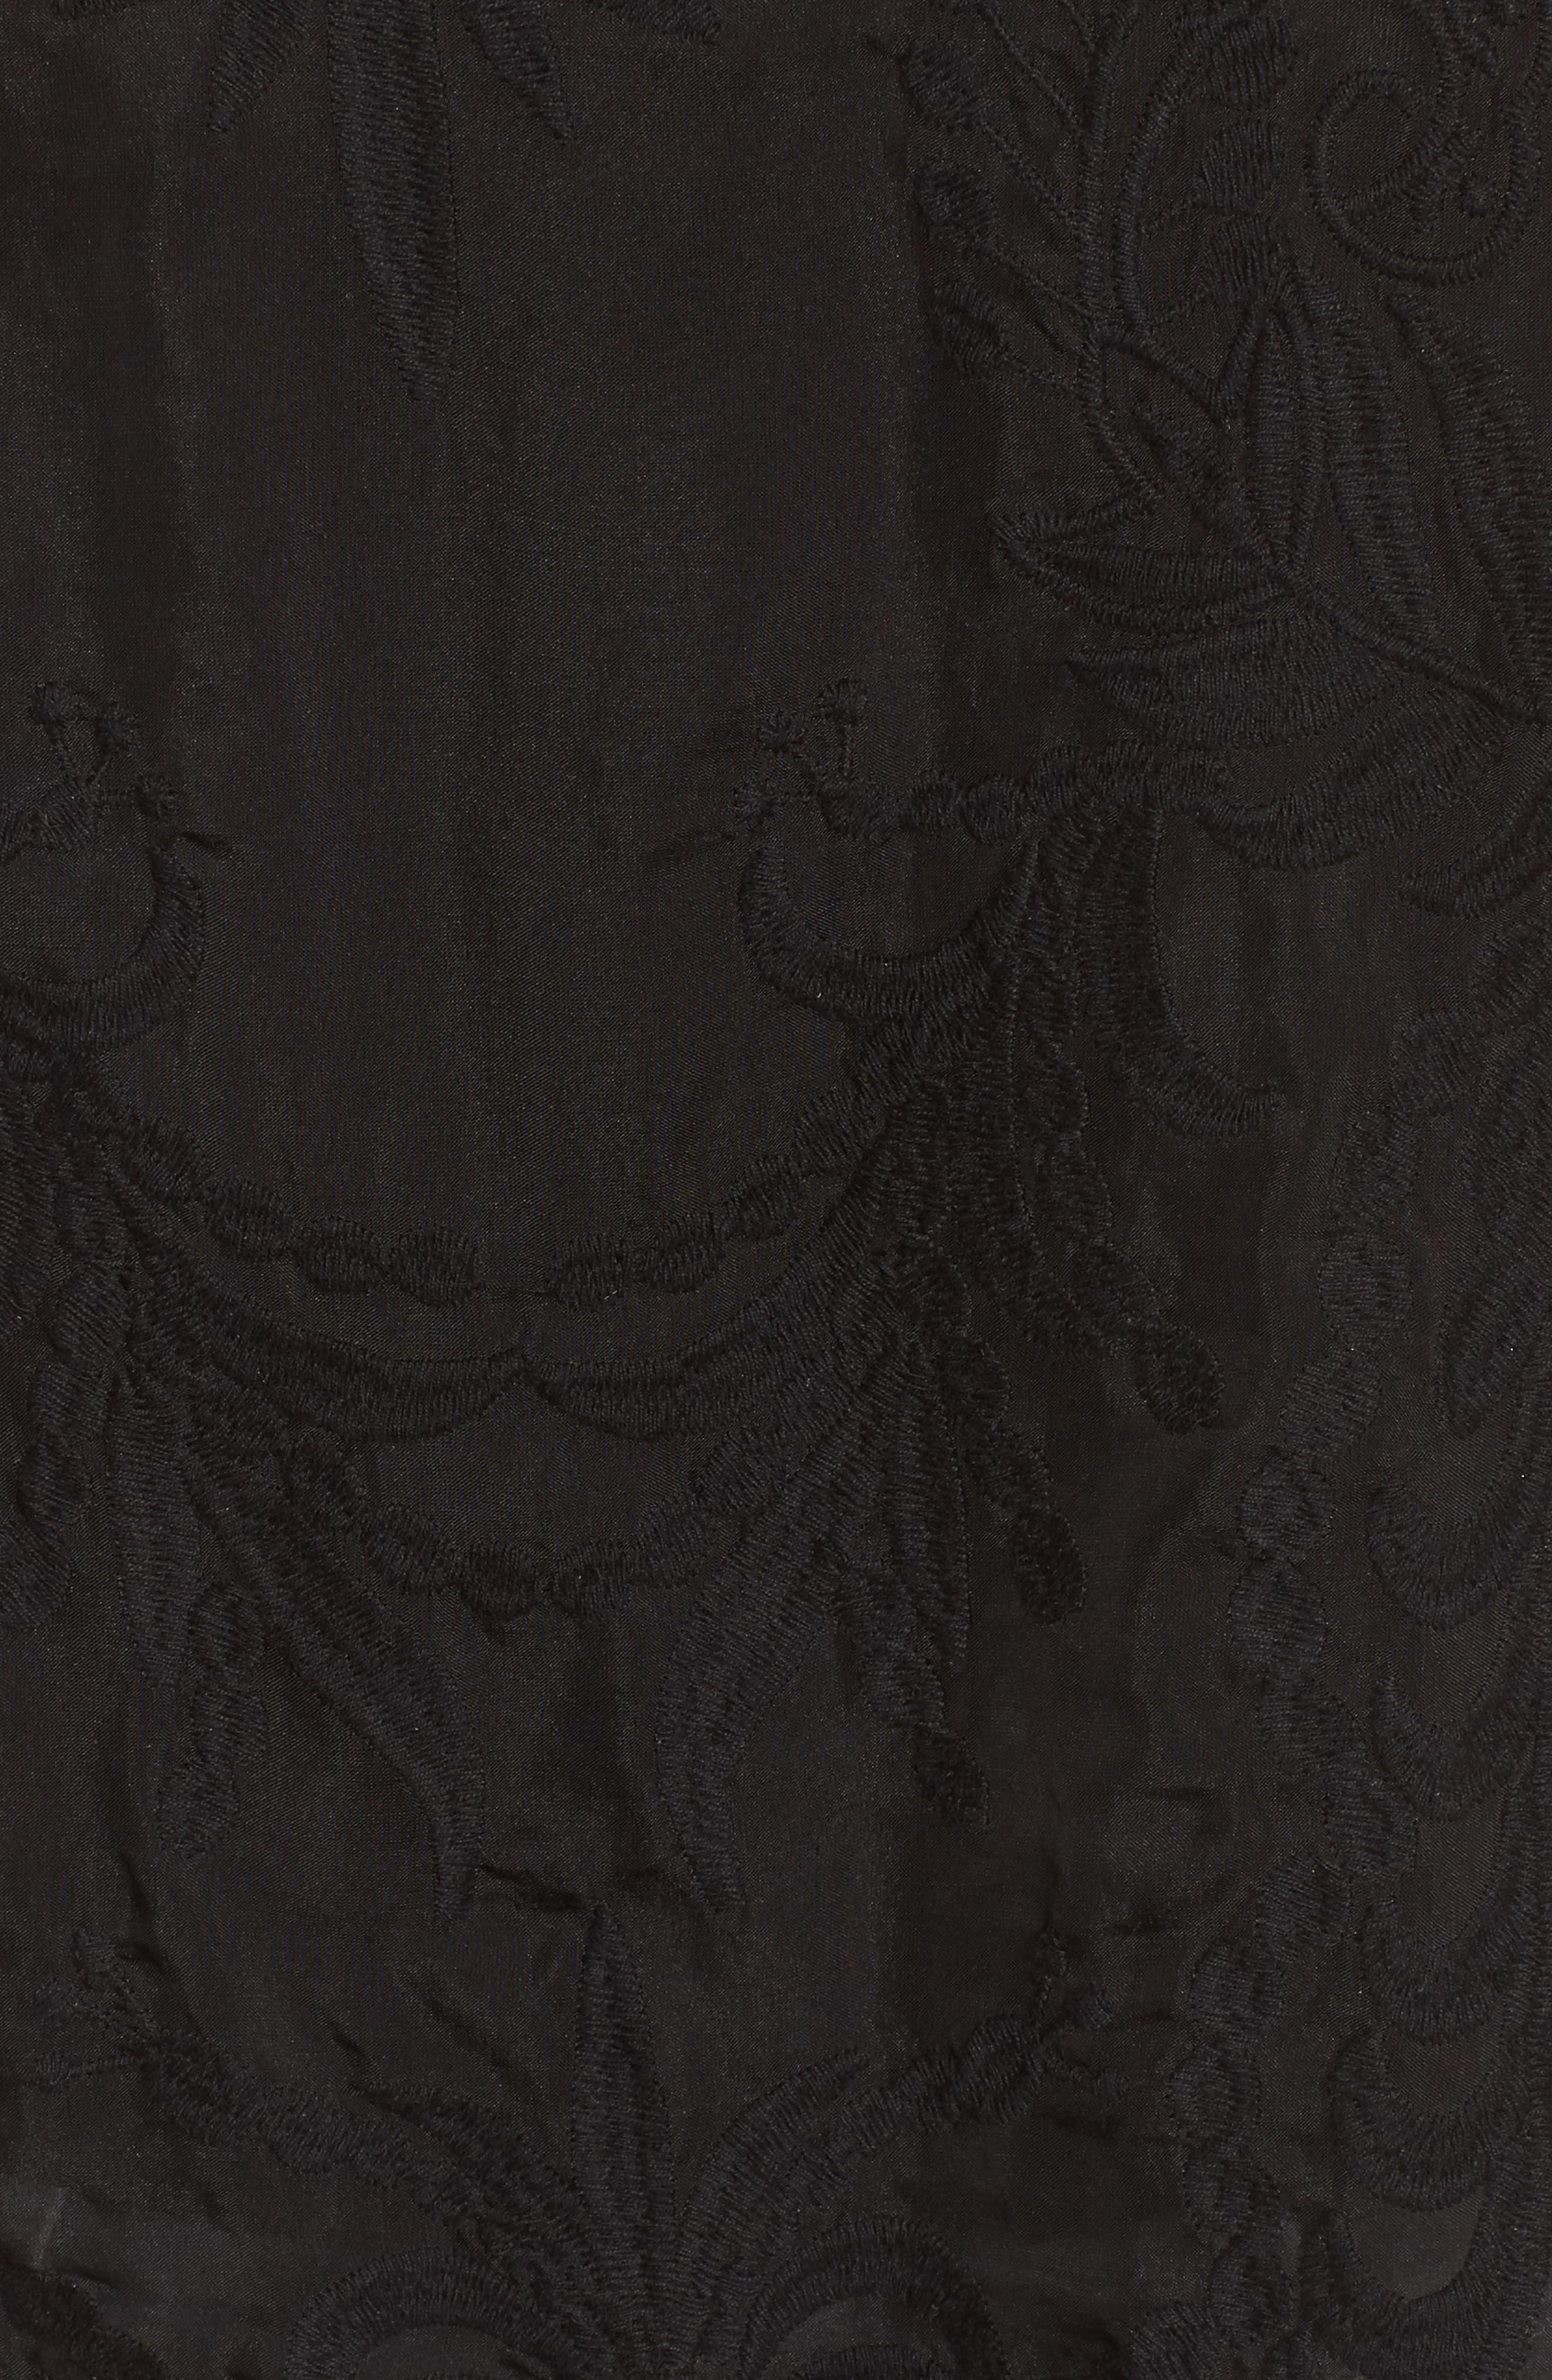 Lucca Lace Blouse,                             Alternate thumbnail 5, color,                             BLACK